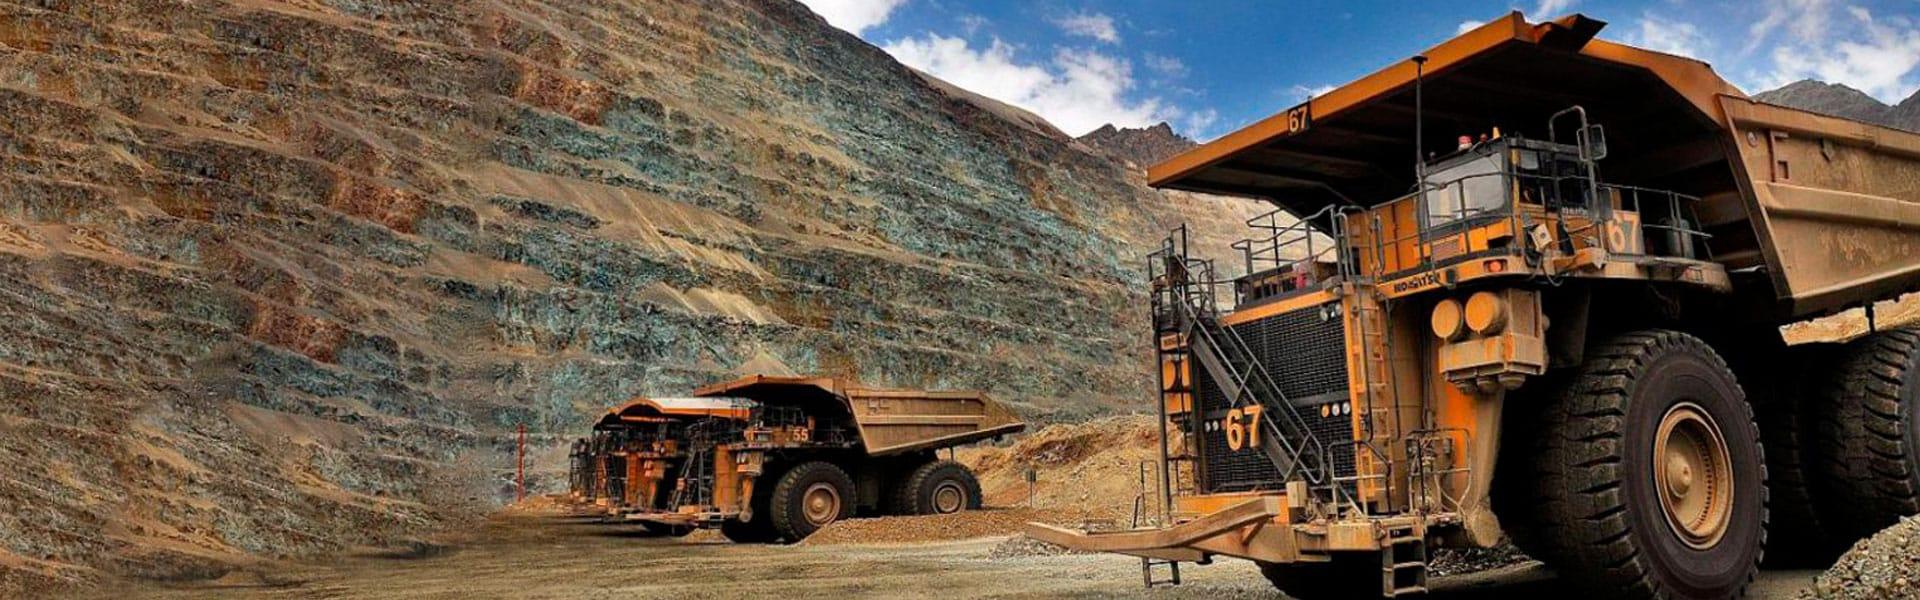 Conectando a la minería chilena